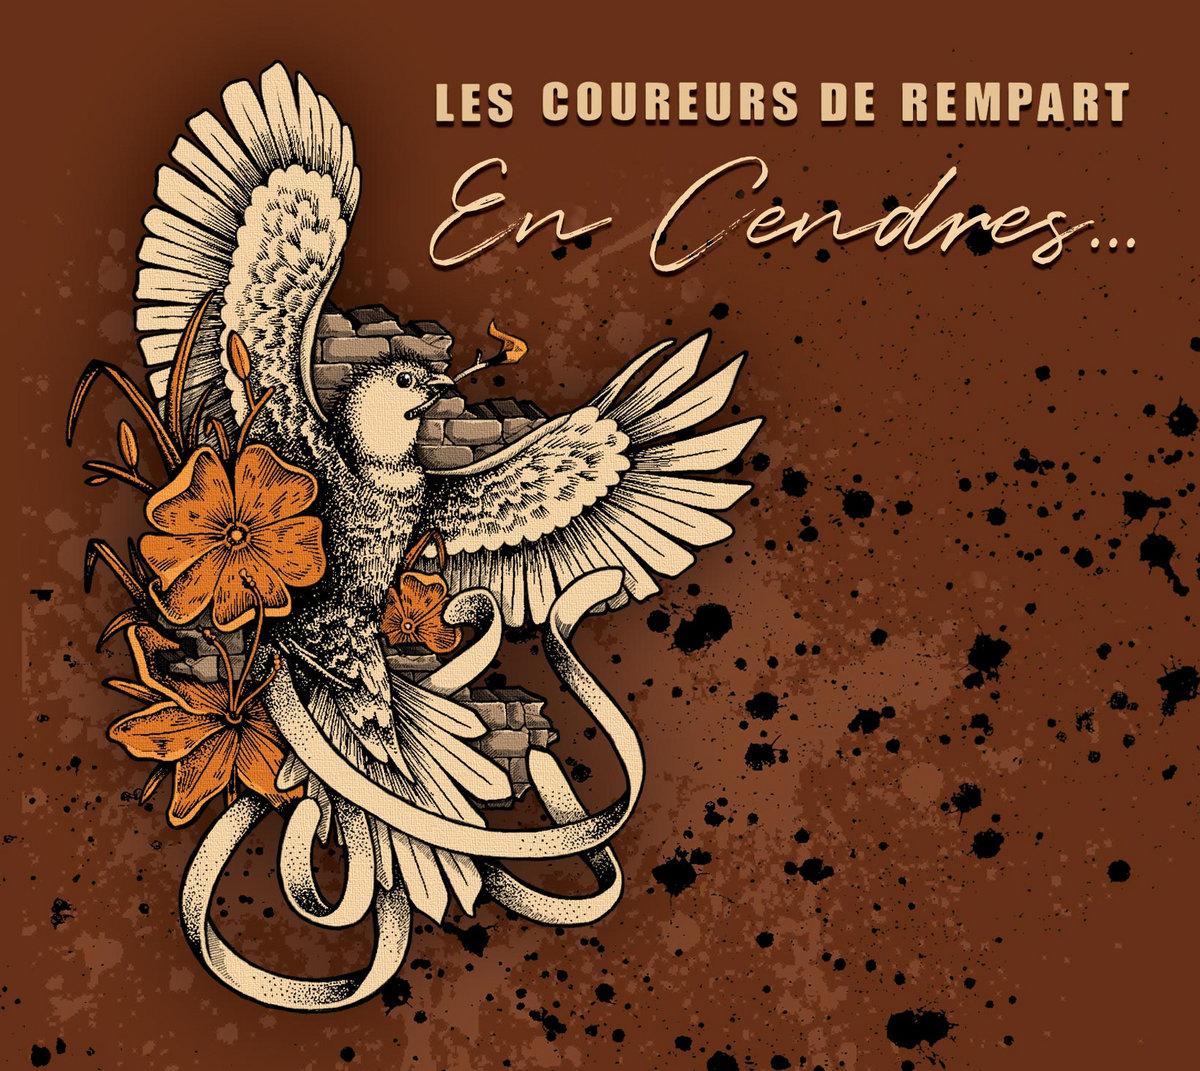 Les Coureurs de Rempart – En Cendres...